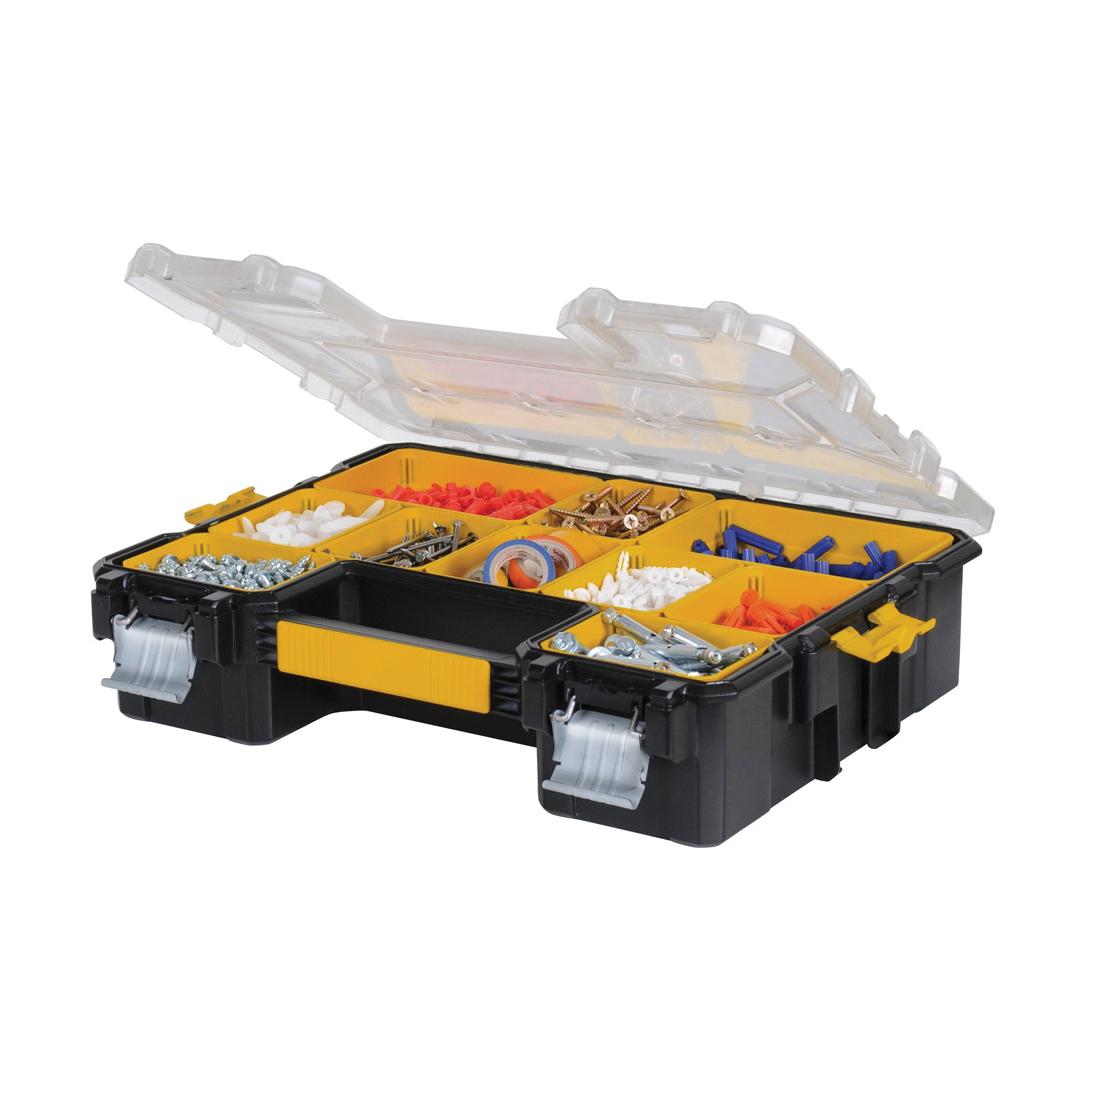 DeWALT® DWST14825 Professional Tool Organizer With Latch, 4-1/2 in H x 14 in W, Metal/Plastic, Black/Clear